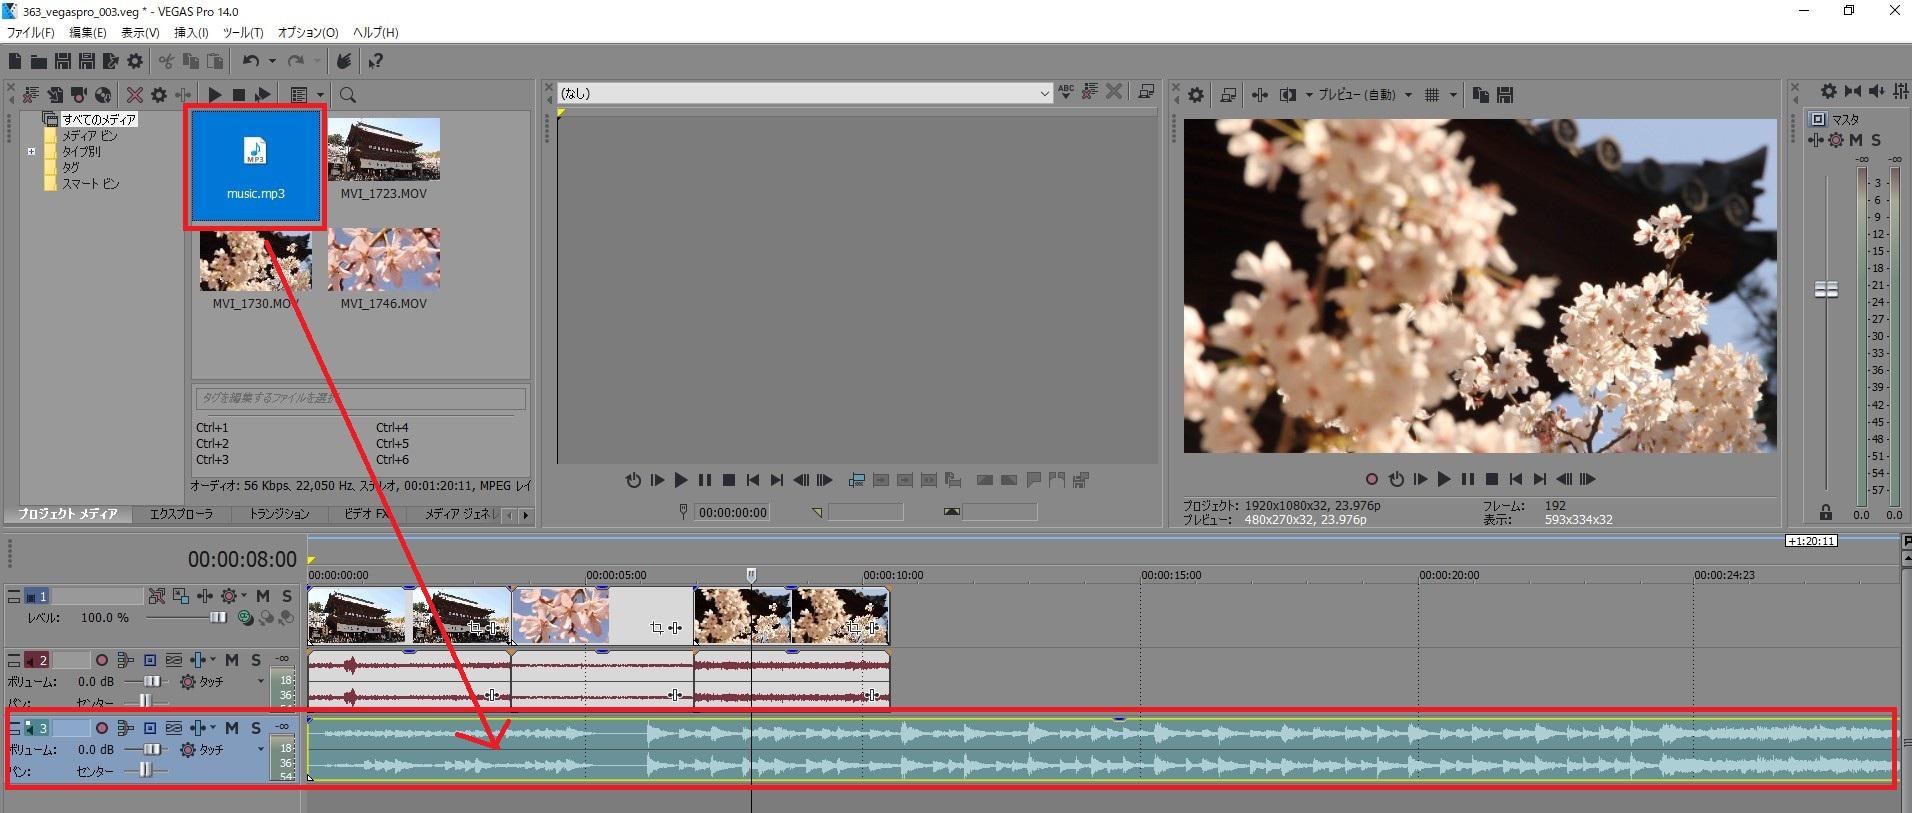 動画編集ソフトVegas Pro(ベガスプロ)のBGMを挿入する方法